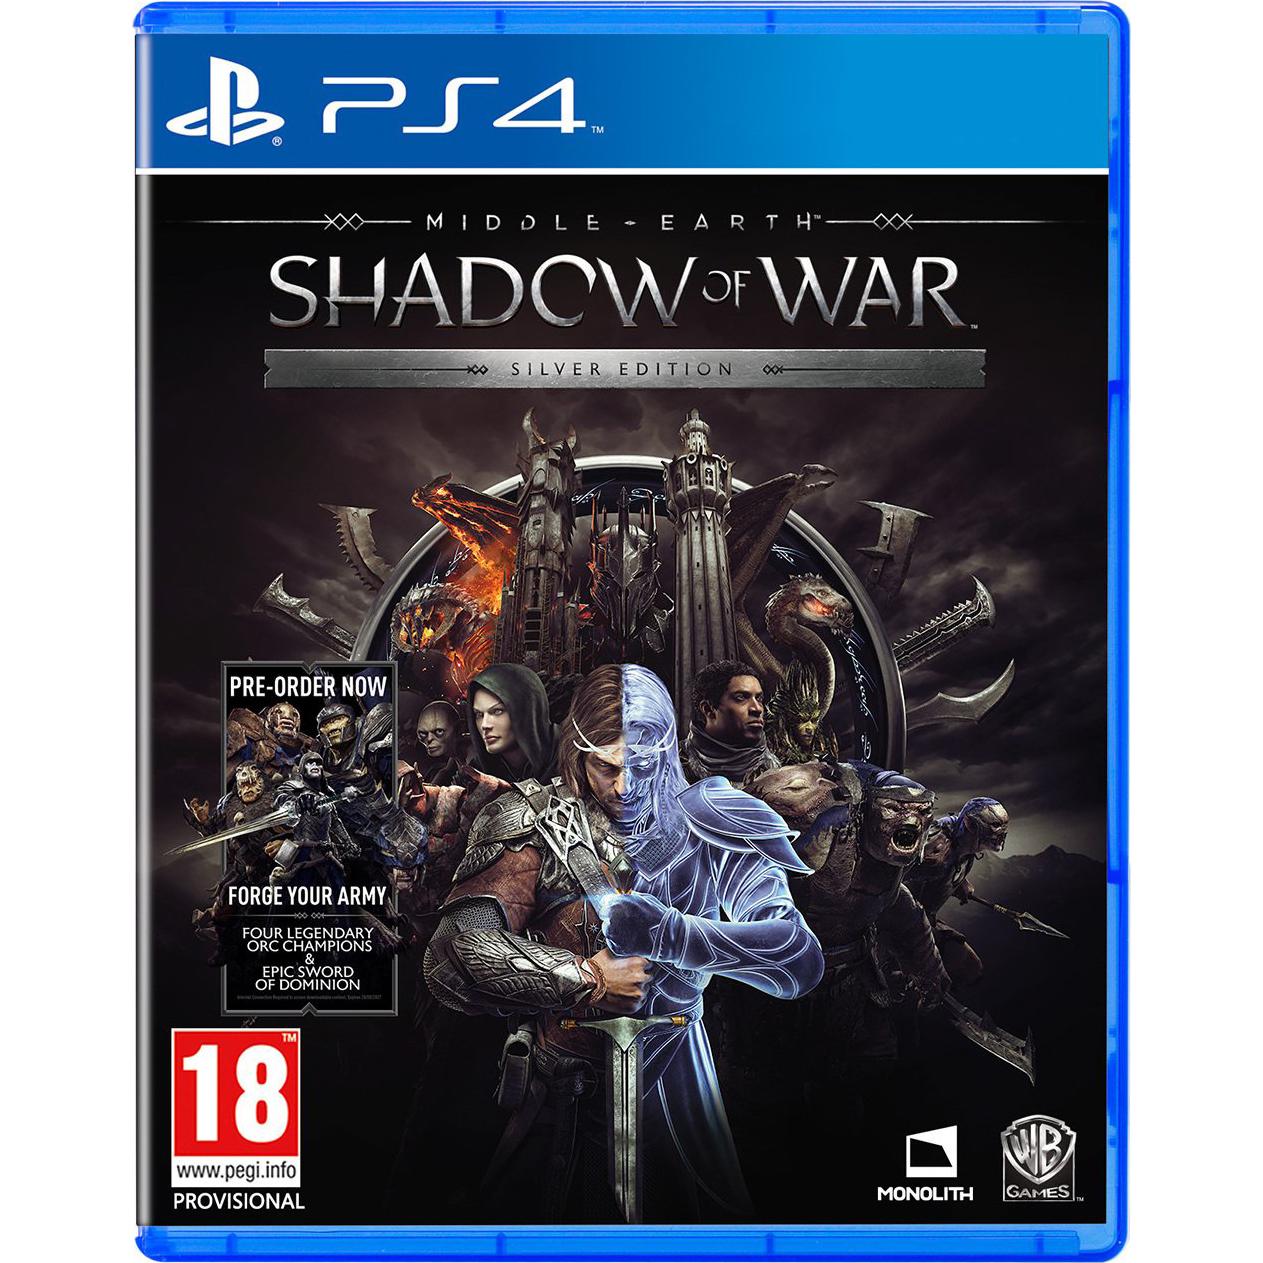 Joc Middle Earth Shadow Of War Silver Edition pentru PlayStation 4 0